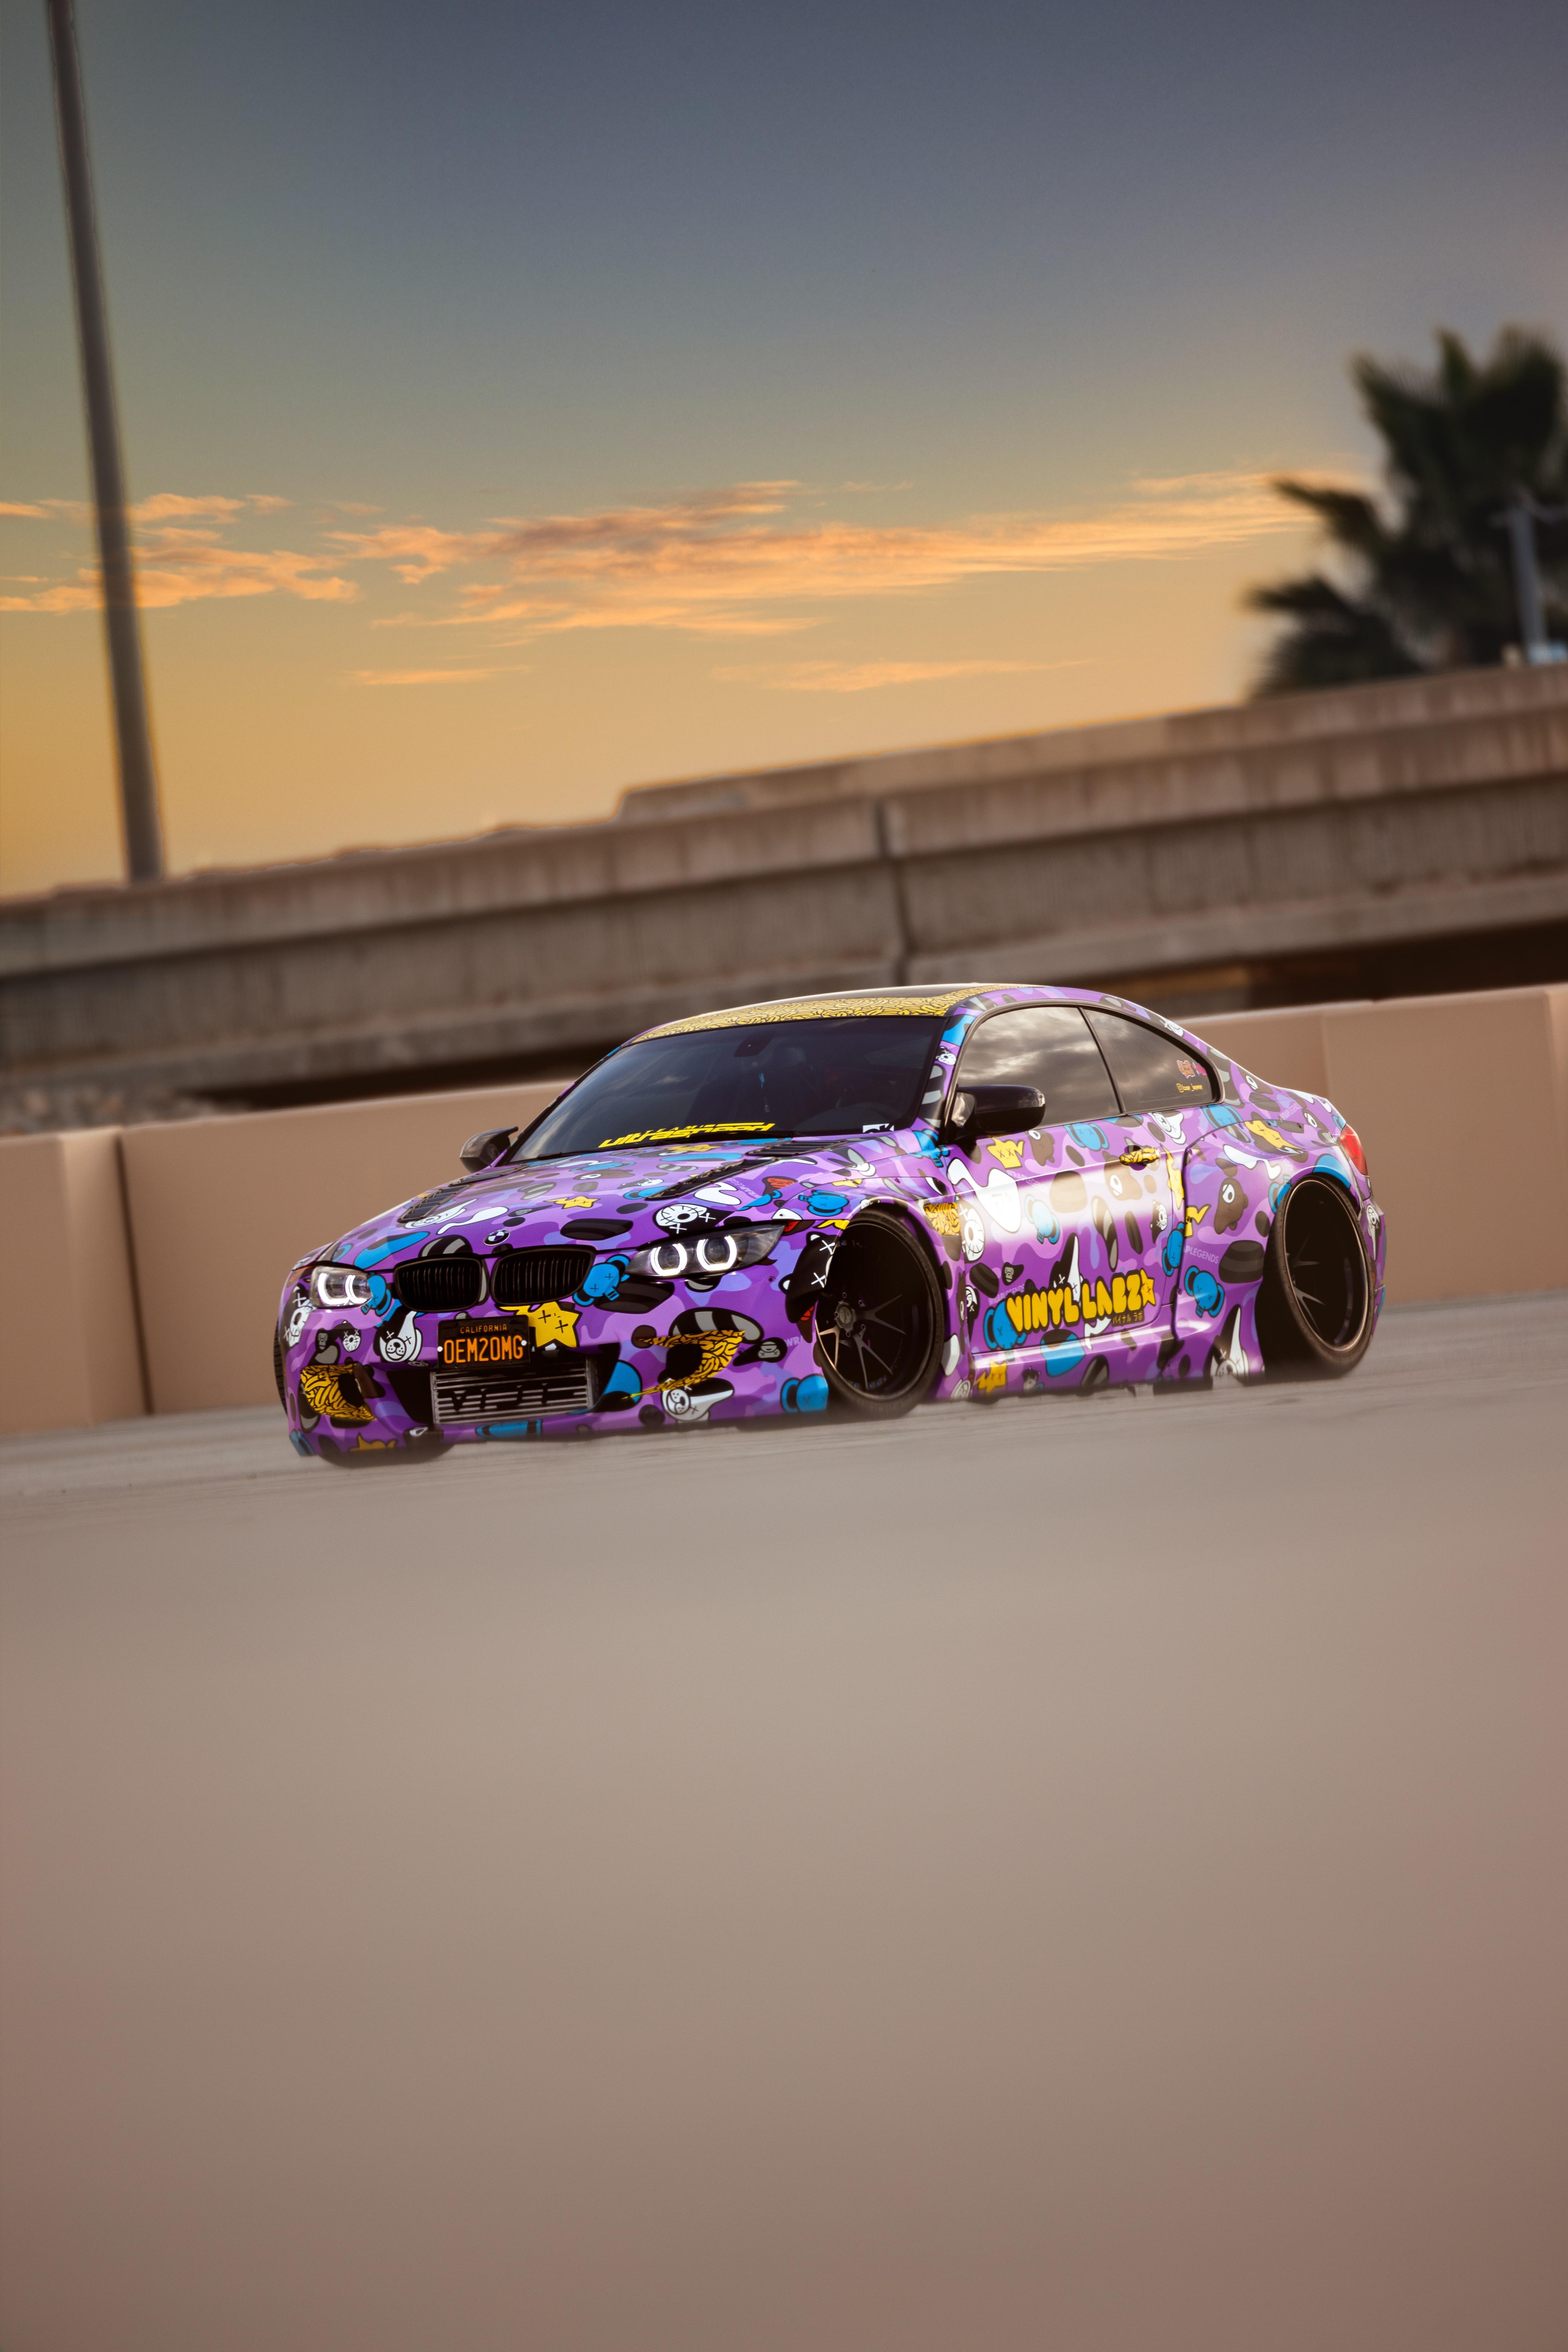 129463 скачать обои Бмв (Bmw), Дрифт, Тачки (Cars), Автомобиль, Фиолетовый, Трасса - заставки и картинки бесплатно